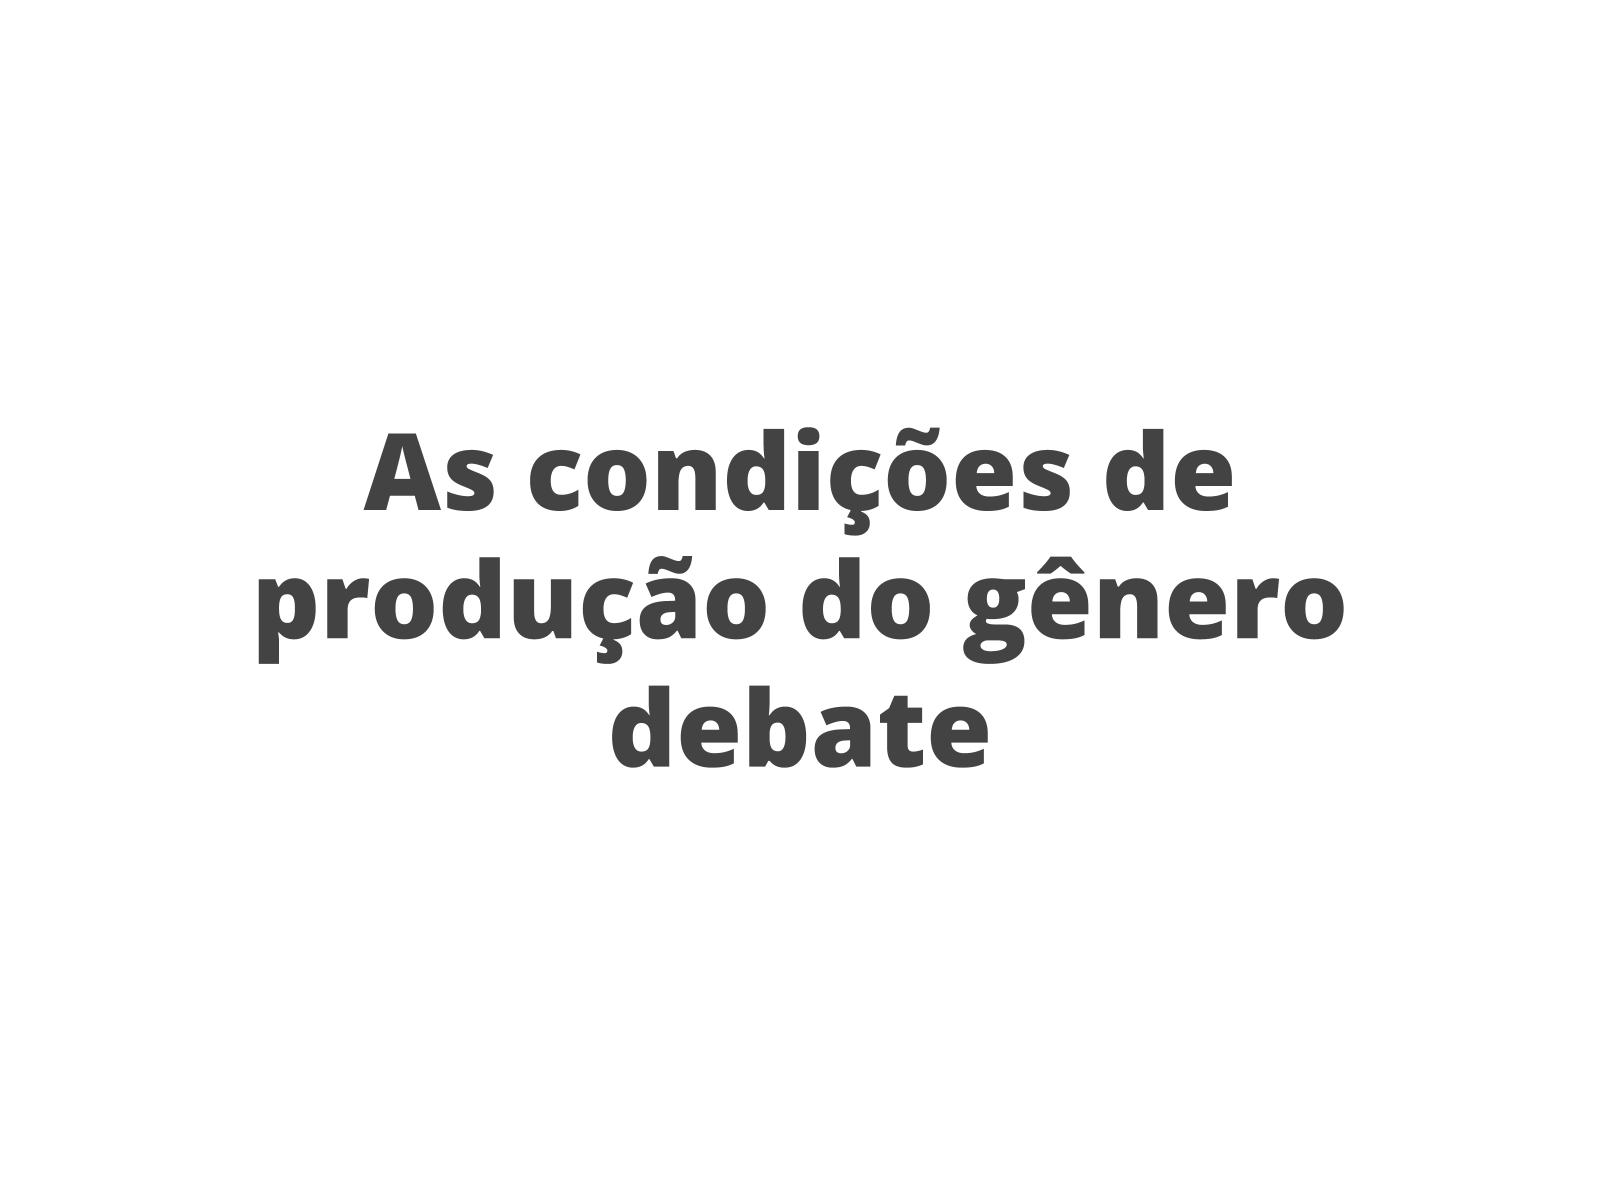 As condições de produção do gênero debate